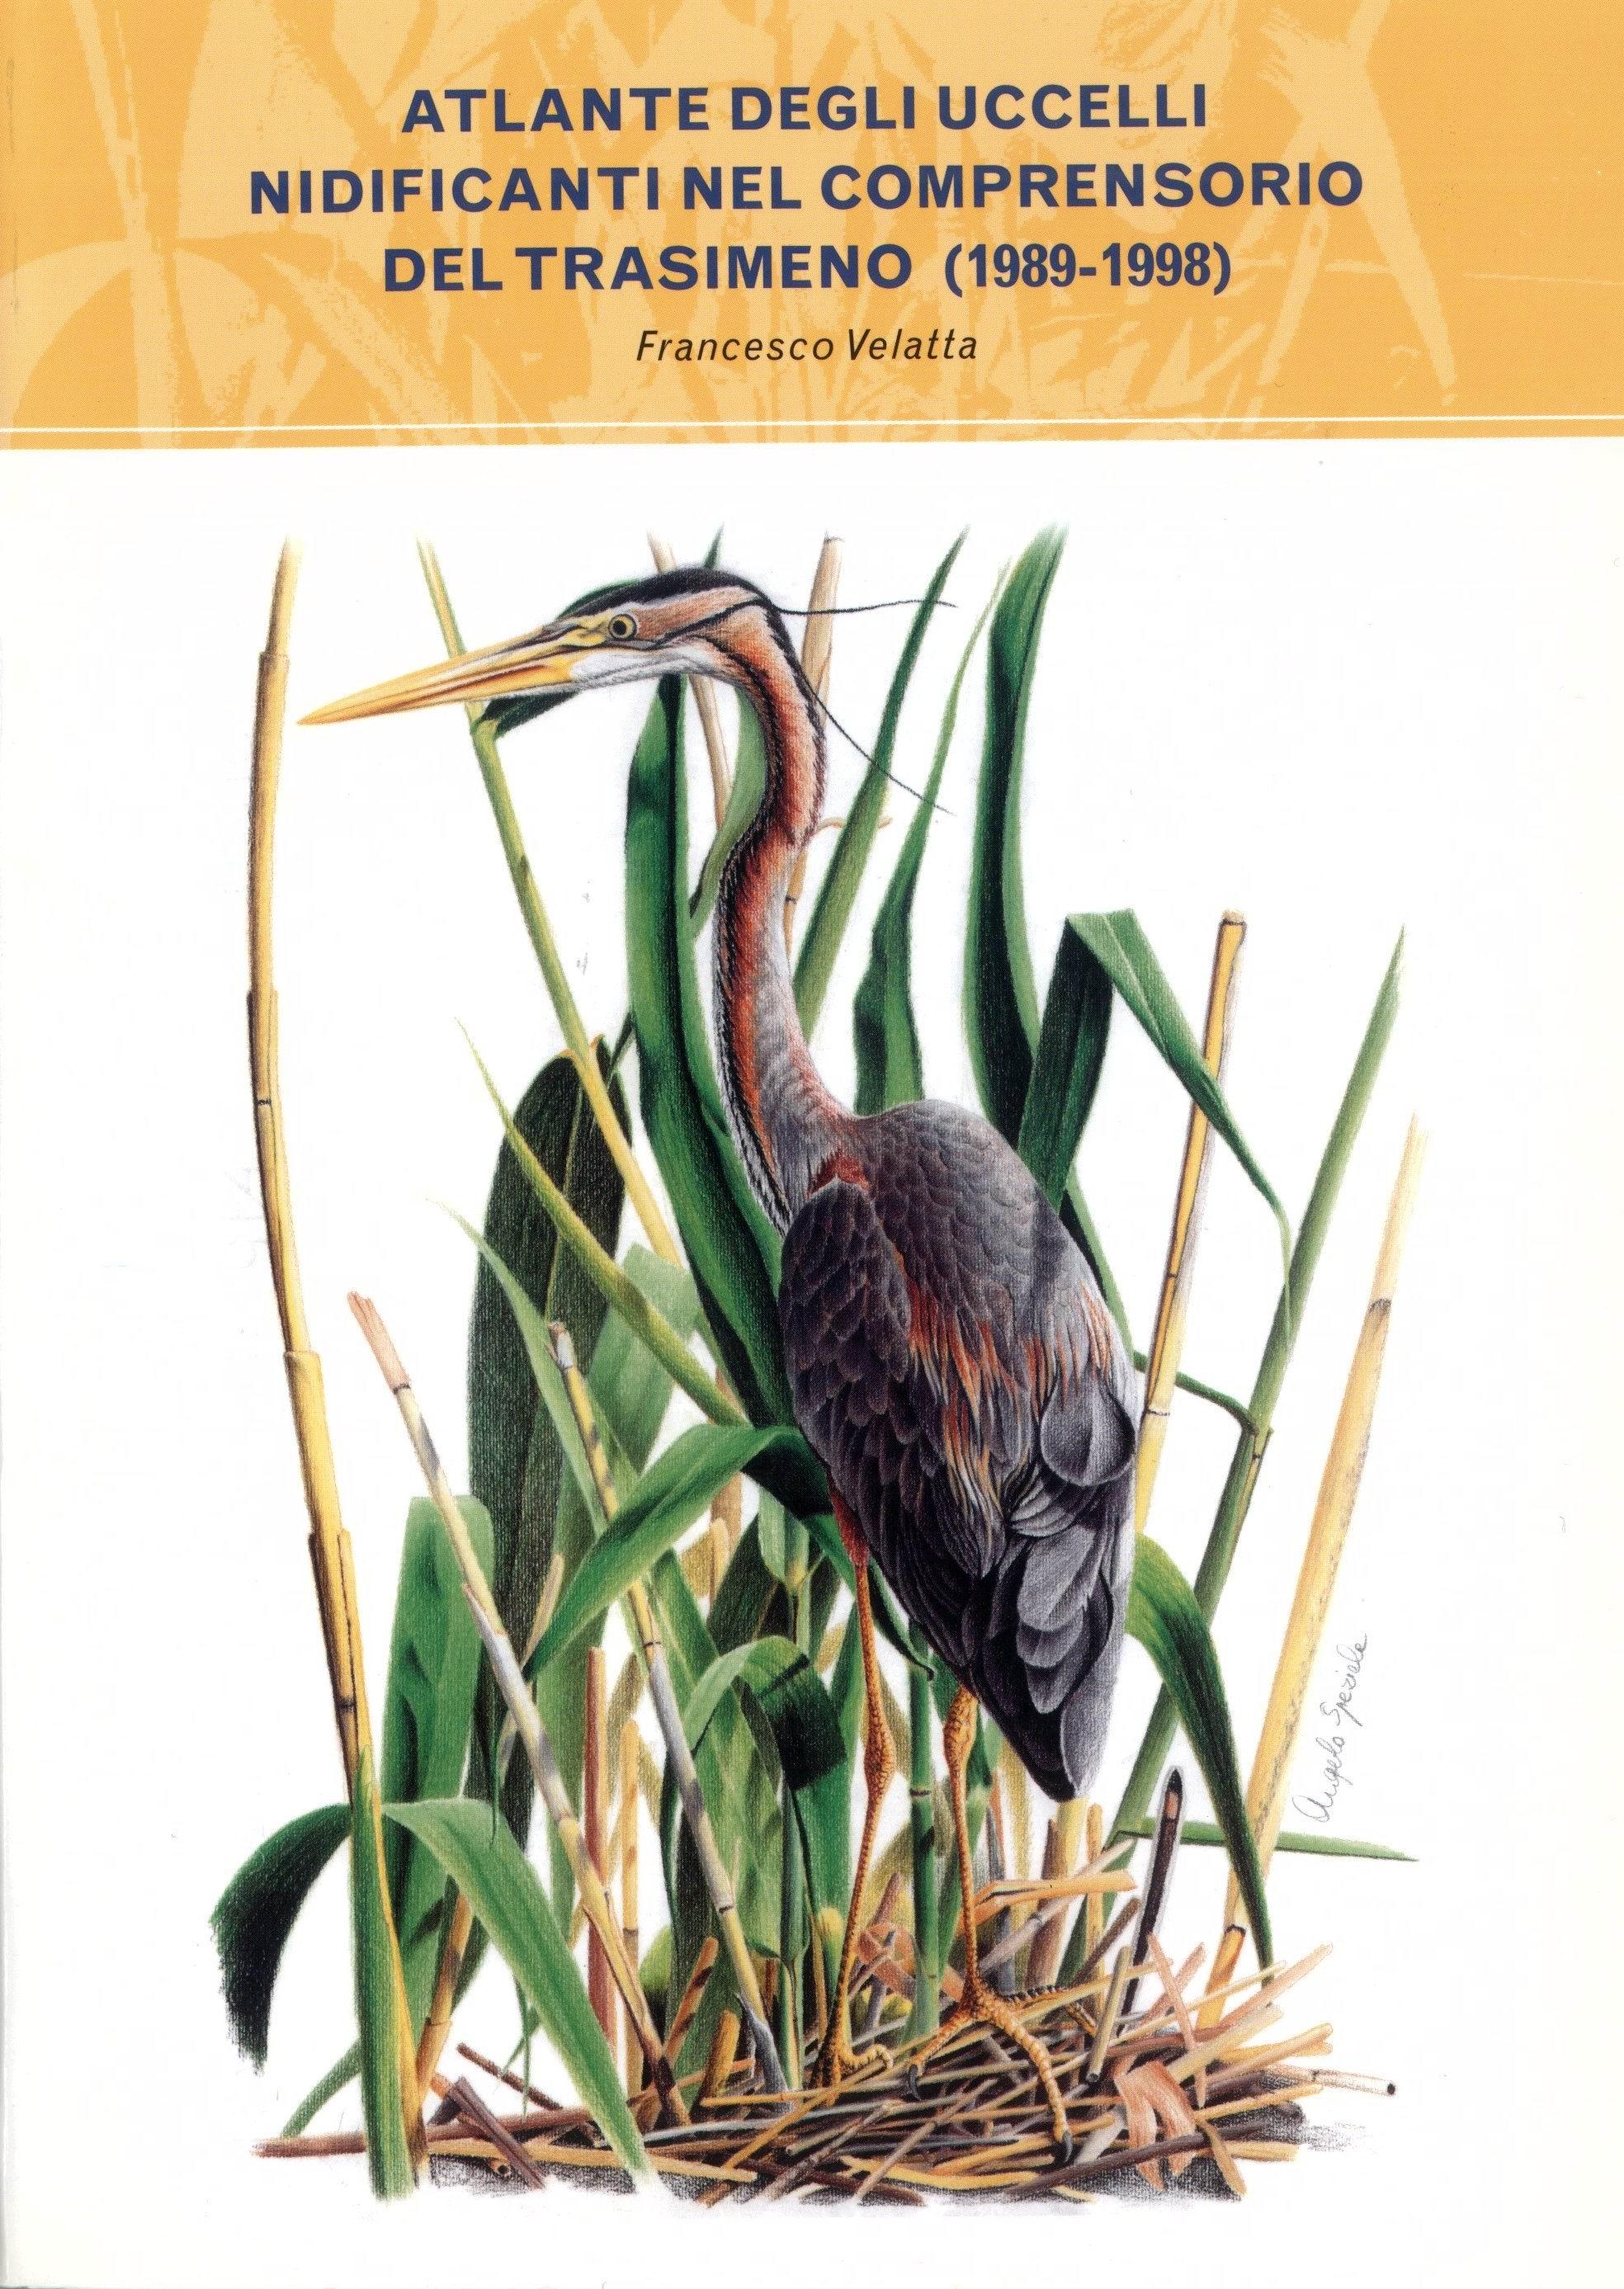 Atlante degli uccelli nidificanti nel comprensorio del Trasimeno (1989-1998)